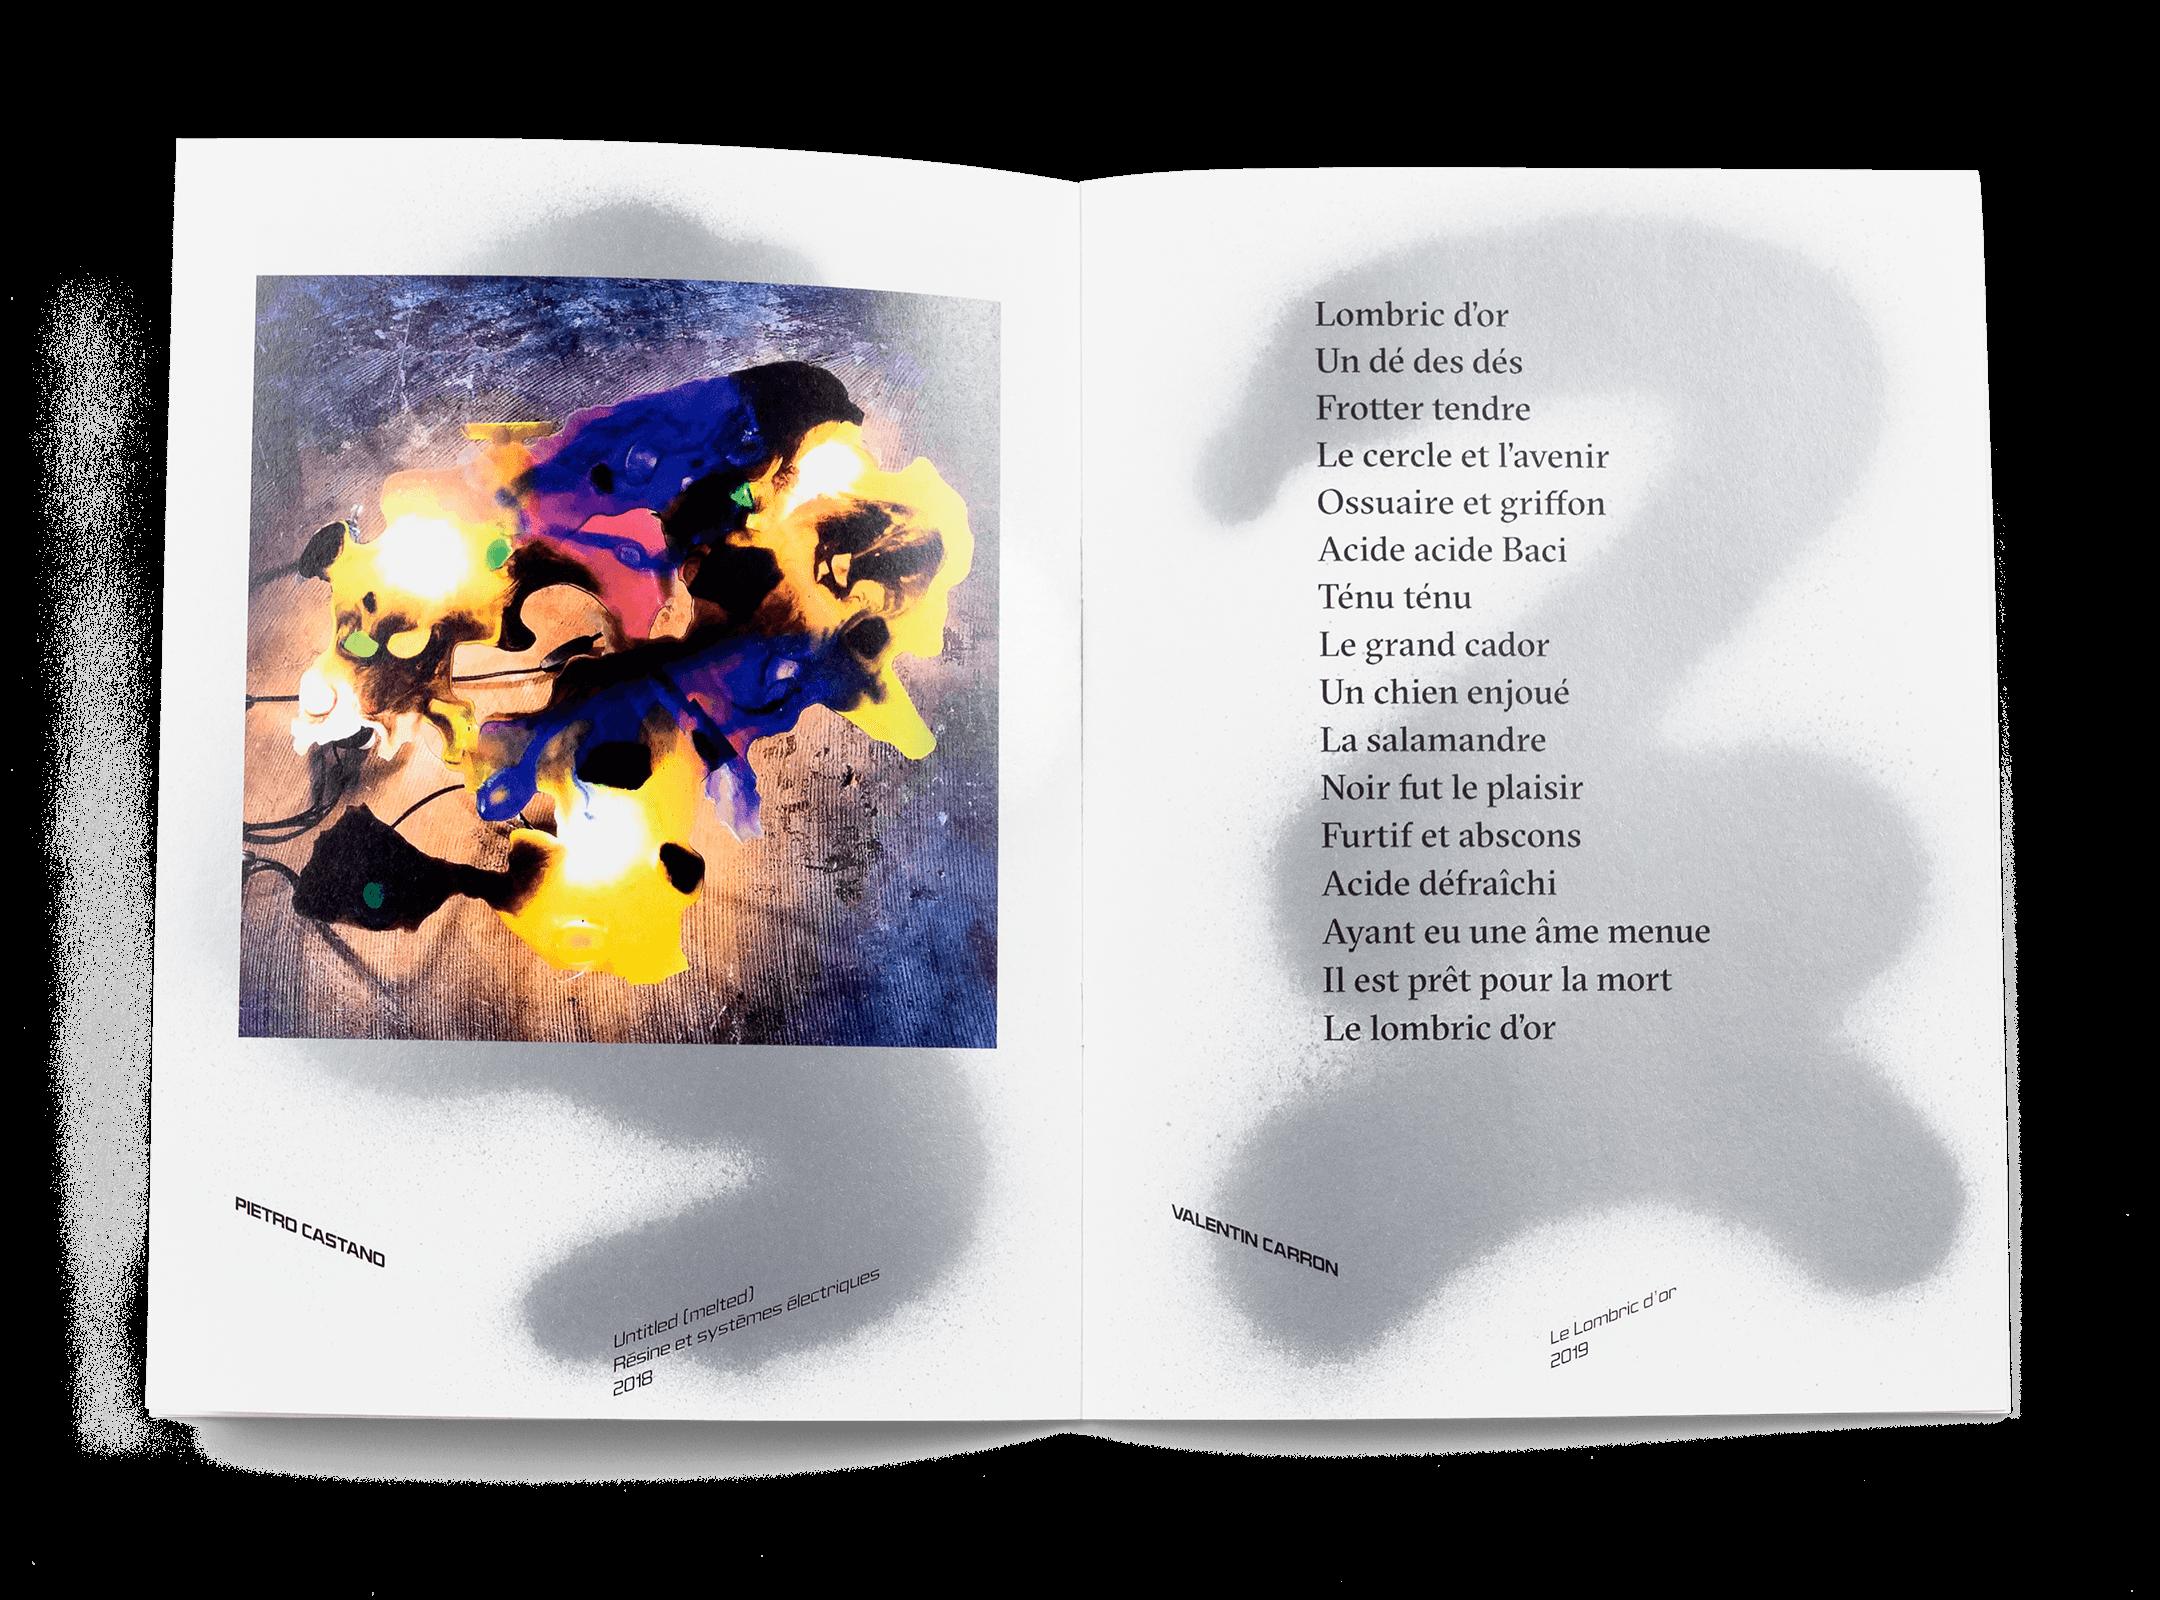 Œuvres de Pietro Castano et Valentin Carron dans la brochure de l'exposition de Simon Paccaud à la Ferme de la Chapelle